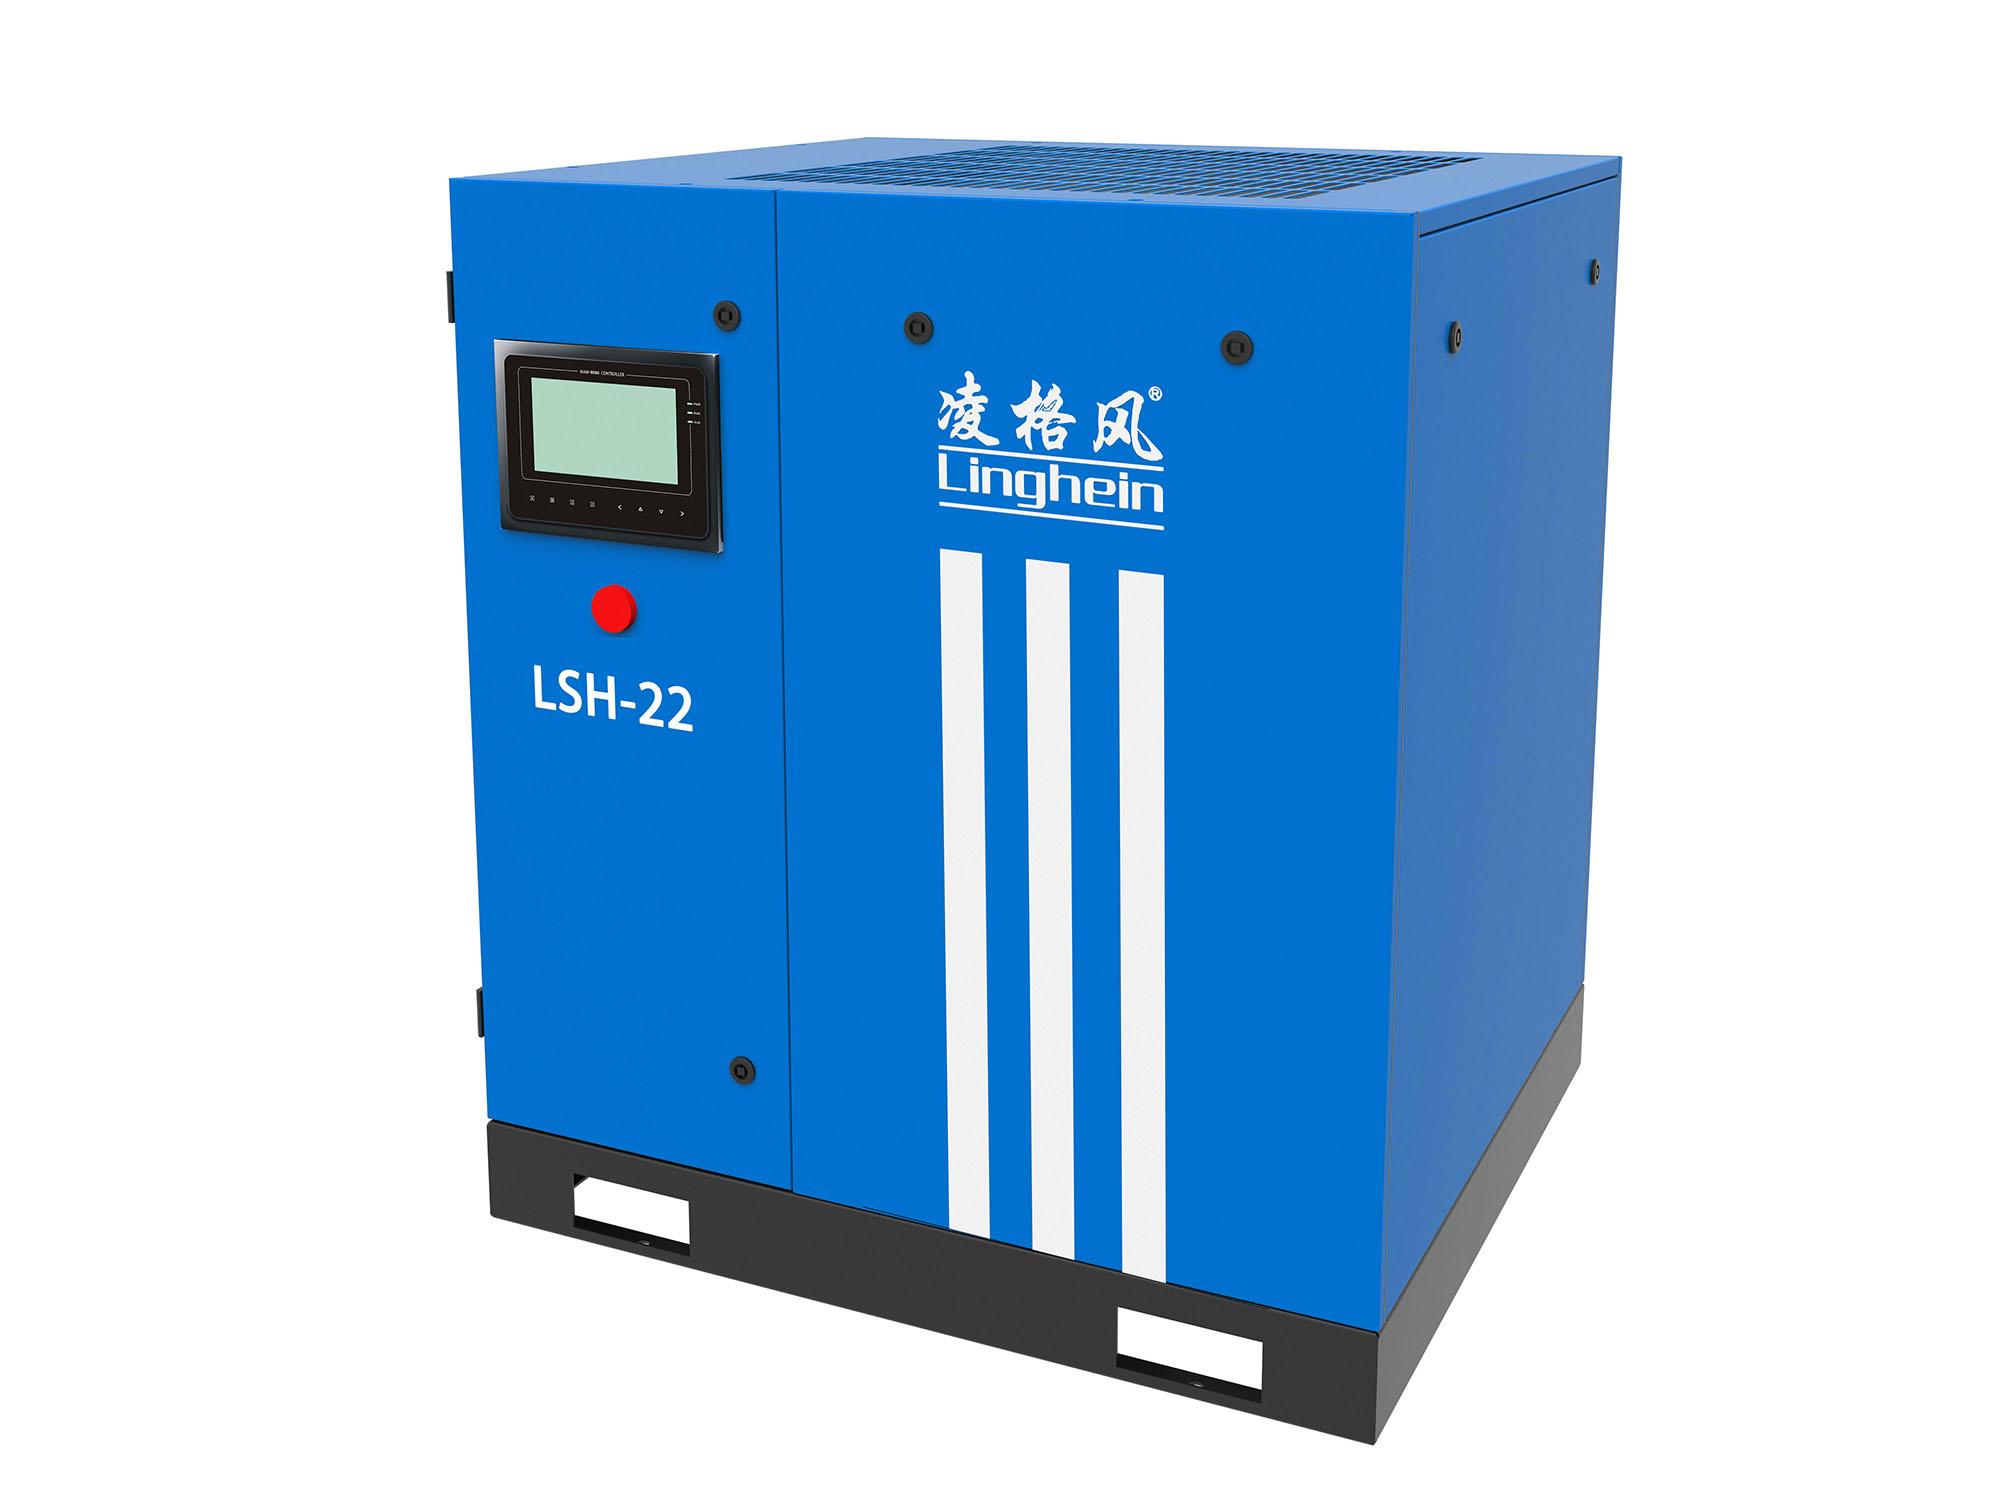 吉林油冷永磁压缩机优选企业 承诺守信 上海凌格风气体技术供应